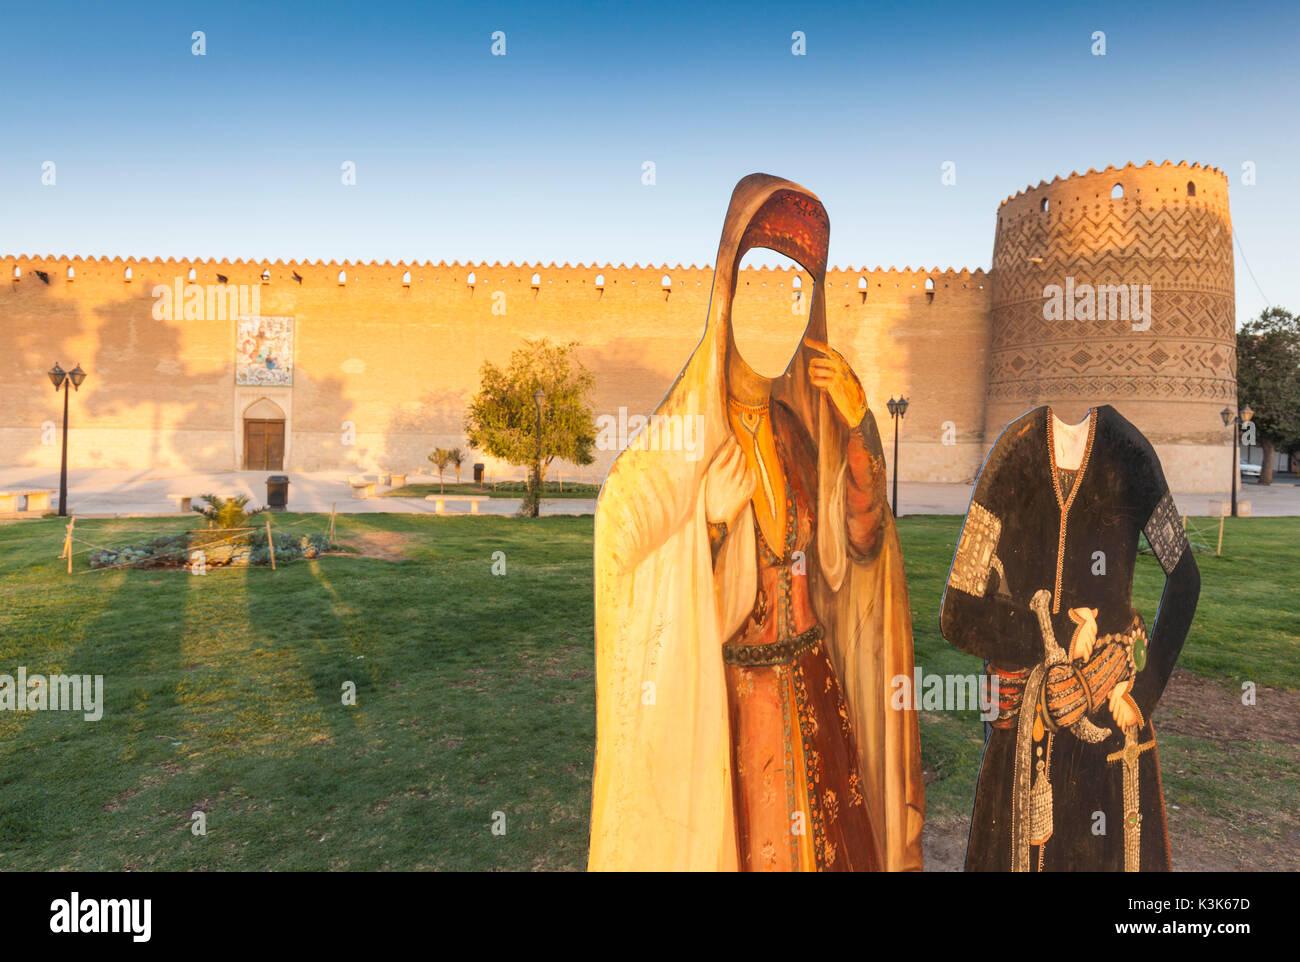 Iran, Central Iran, Shiraz, Arg-e Karim Khan Citadel, fortress and photo-ops cutouts - Stock Image